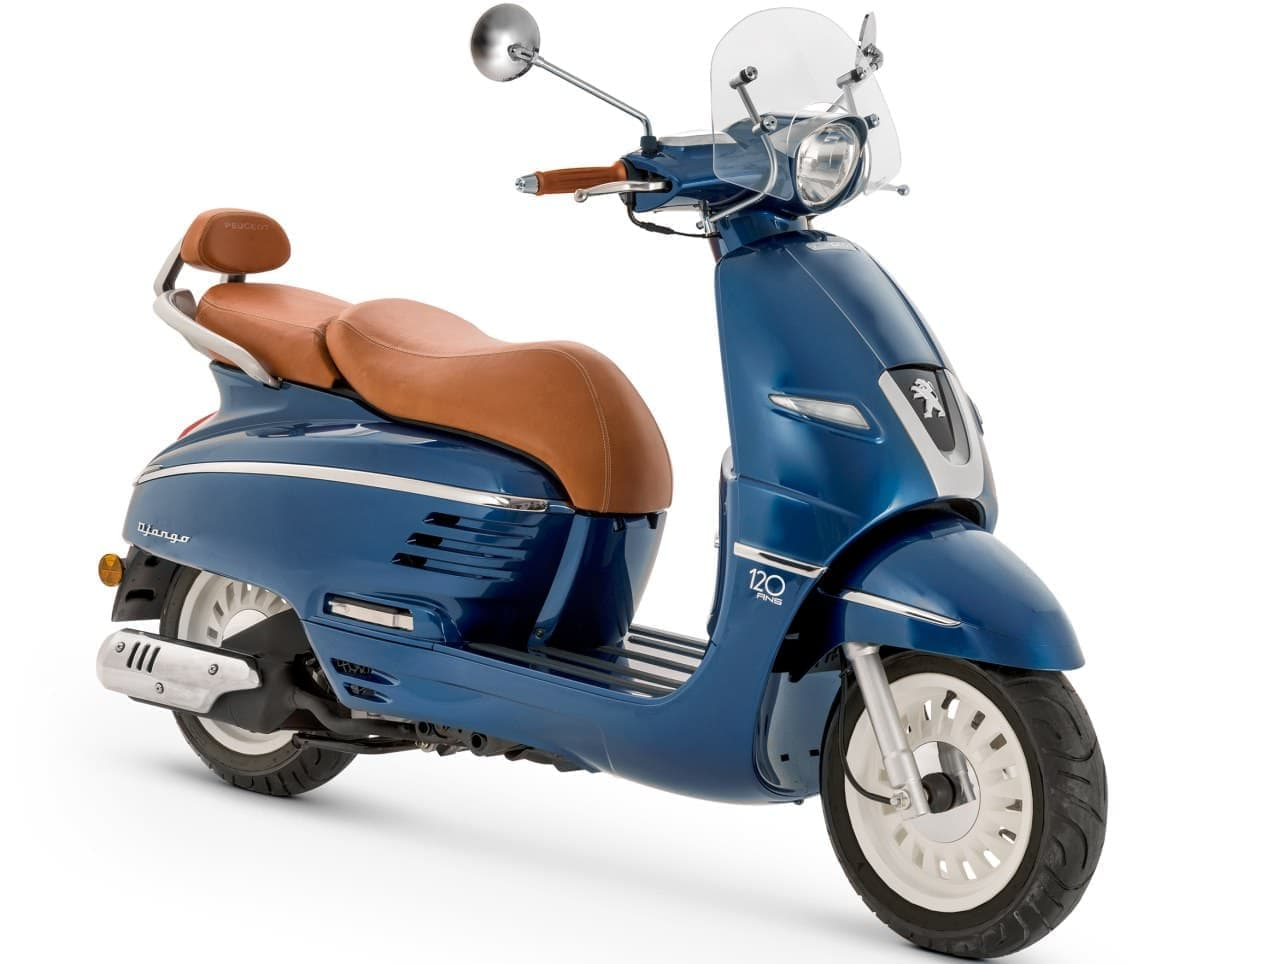 150ccモデルを追加! ― プジョー120年の歴史を体現する「ジャンゴ150 ABS 120thリミテッドエディション」